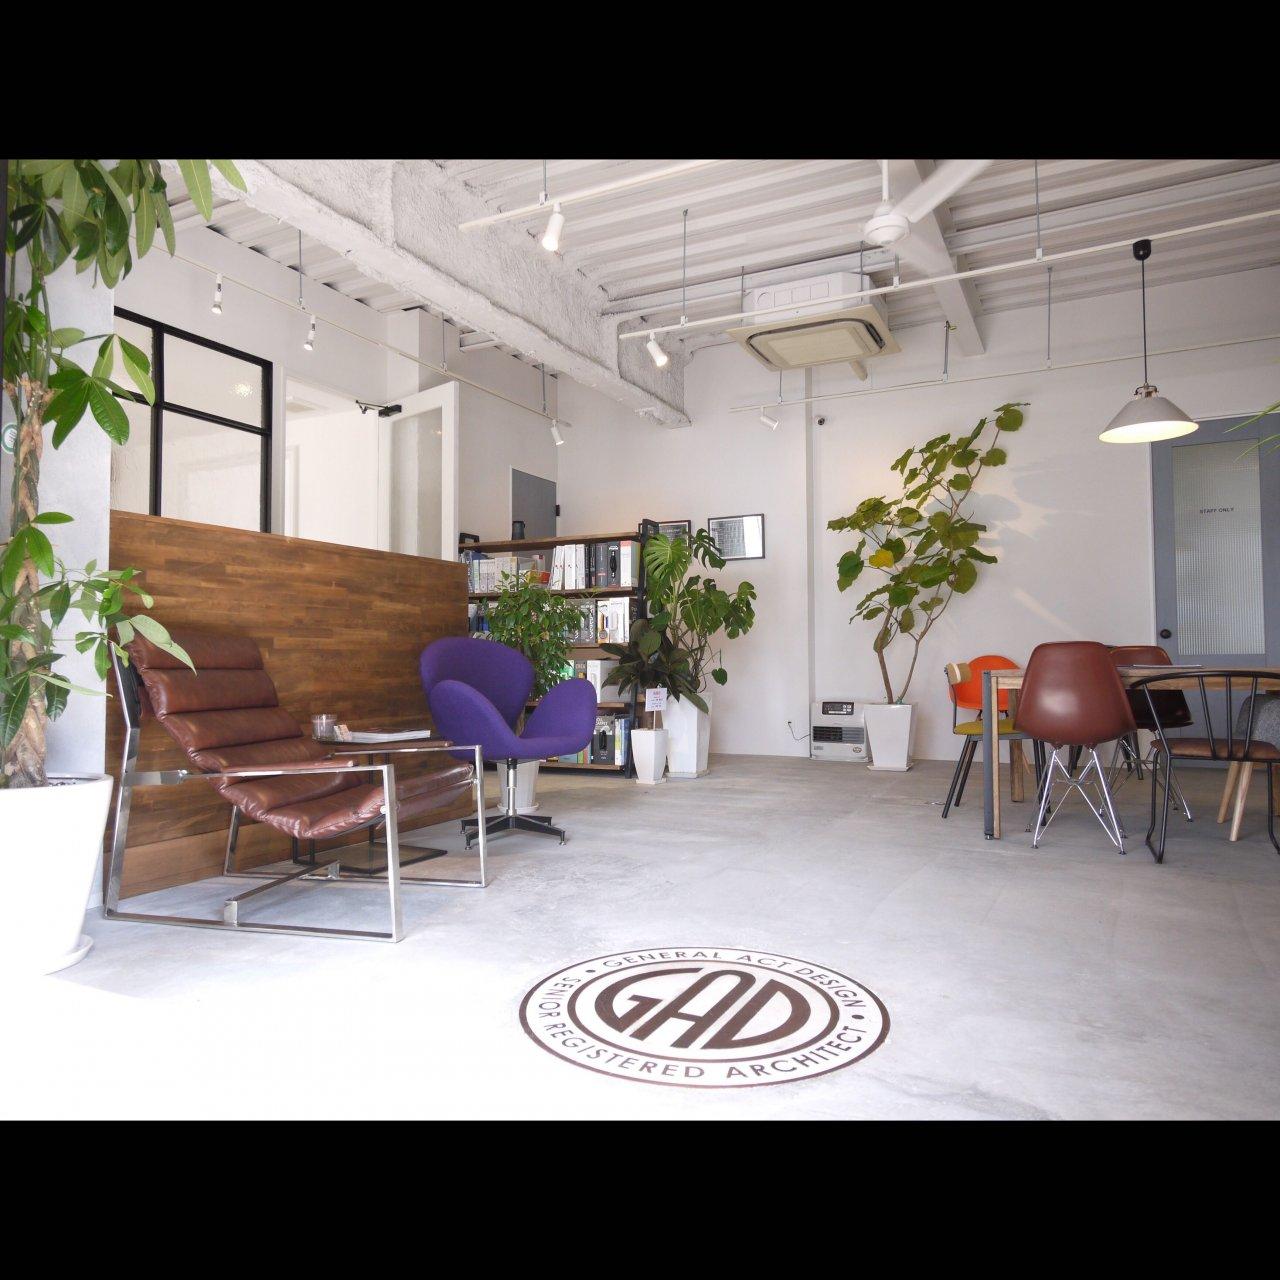 リノベ不動産|General Act Design ショールーム2 床に埋め込んだロゴとデザイナーズチェアがお出迎え